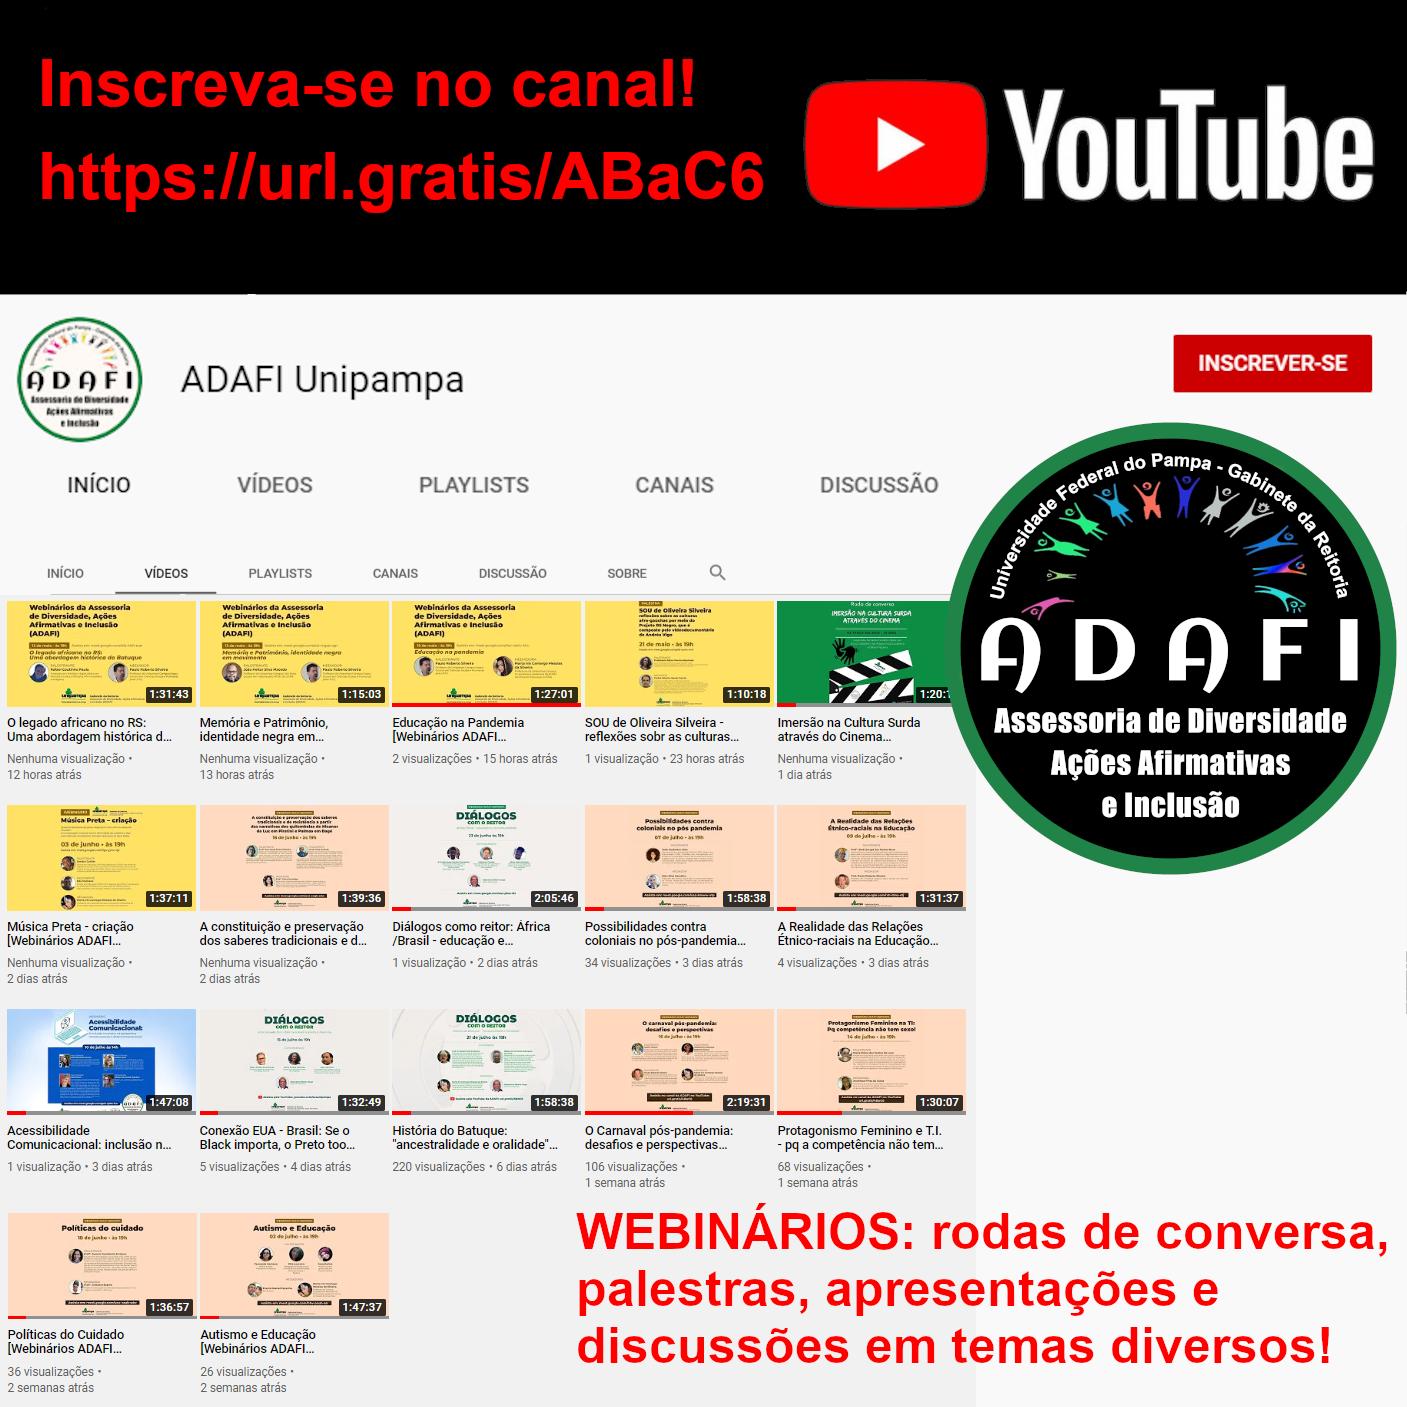 Assessoria de Diversidade, Ações Afirmativas e Inclusão divulga publicações de webnários no Youtube